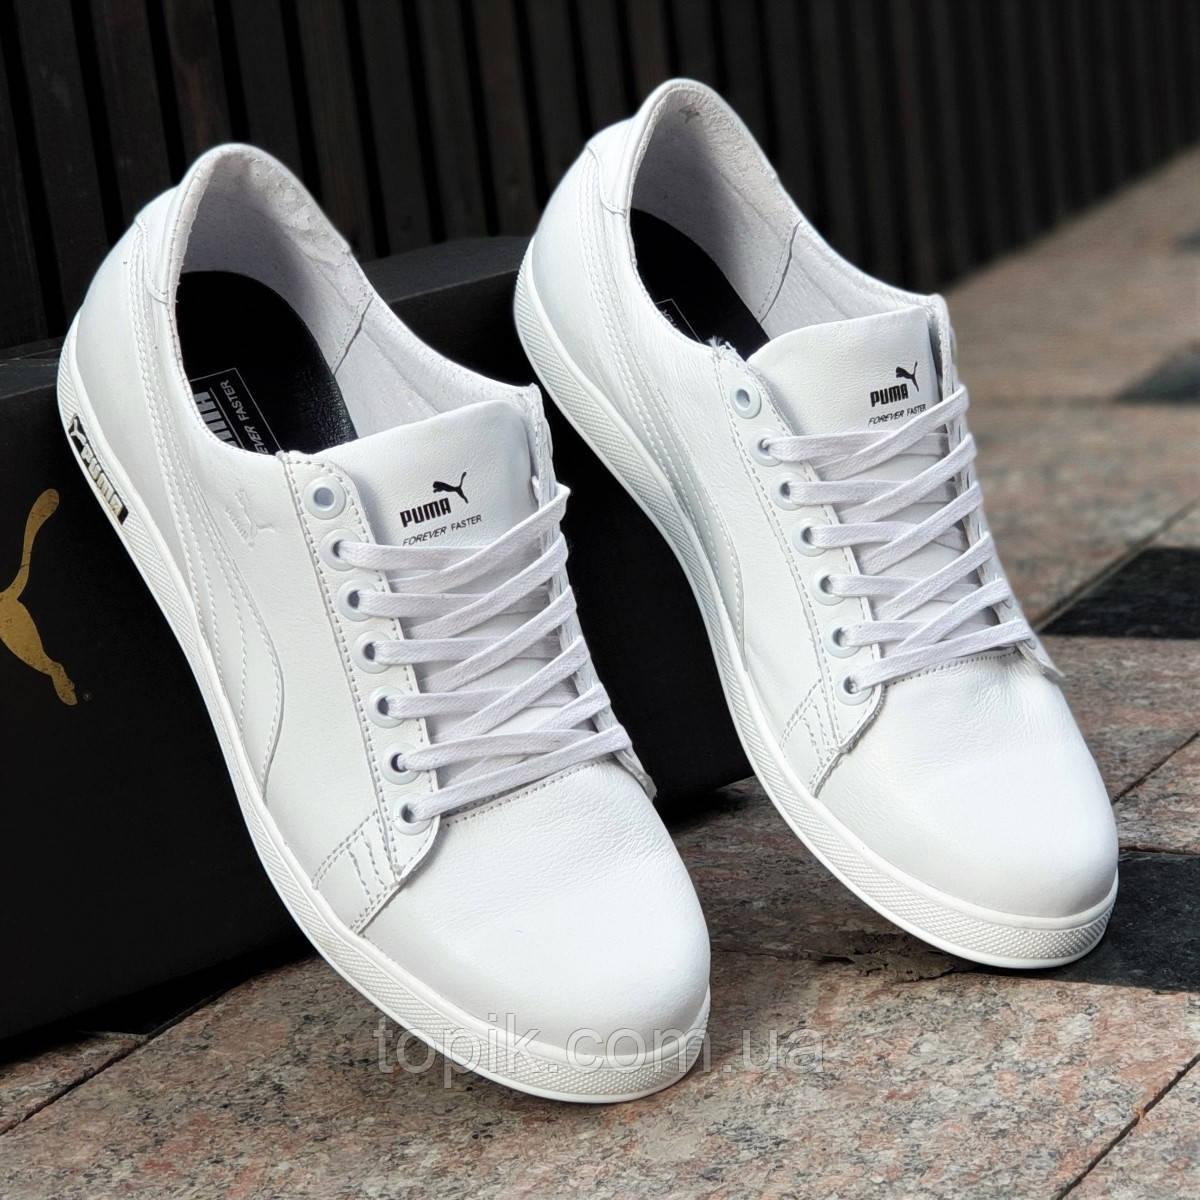 1dca059a Белые мужские кеды, кроссовки, мокасины кожаные, белая подошва, трендовые  на каждый день